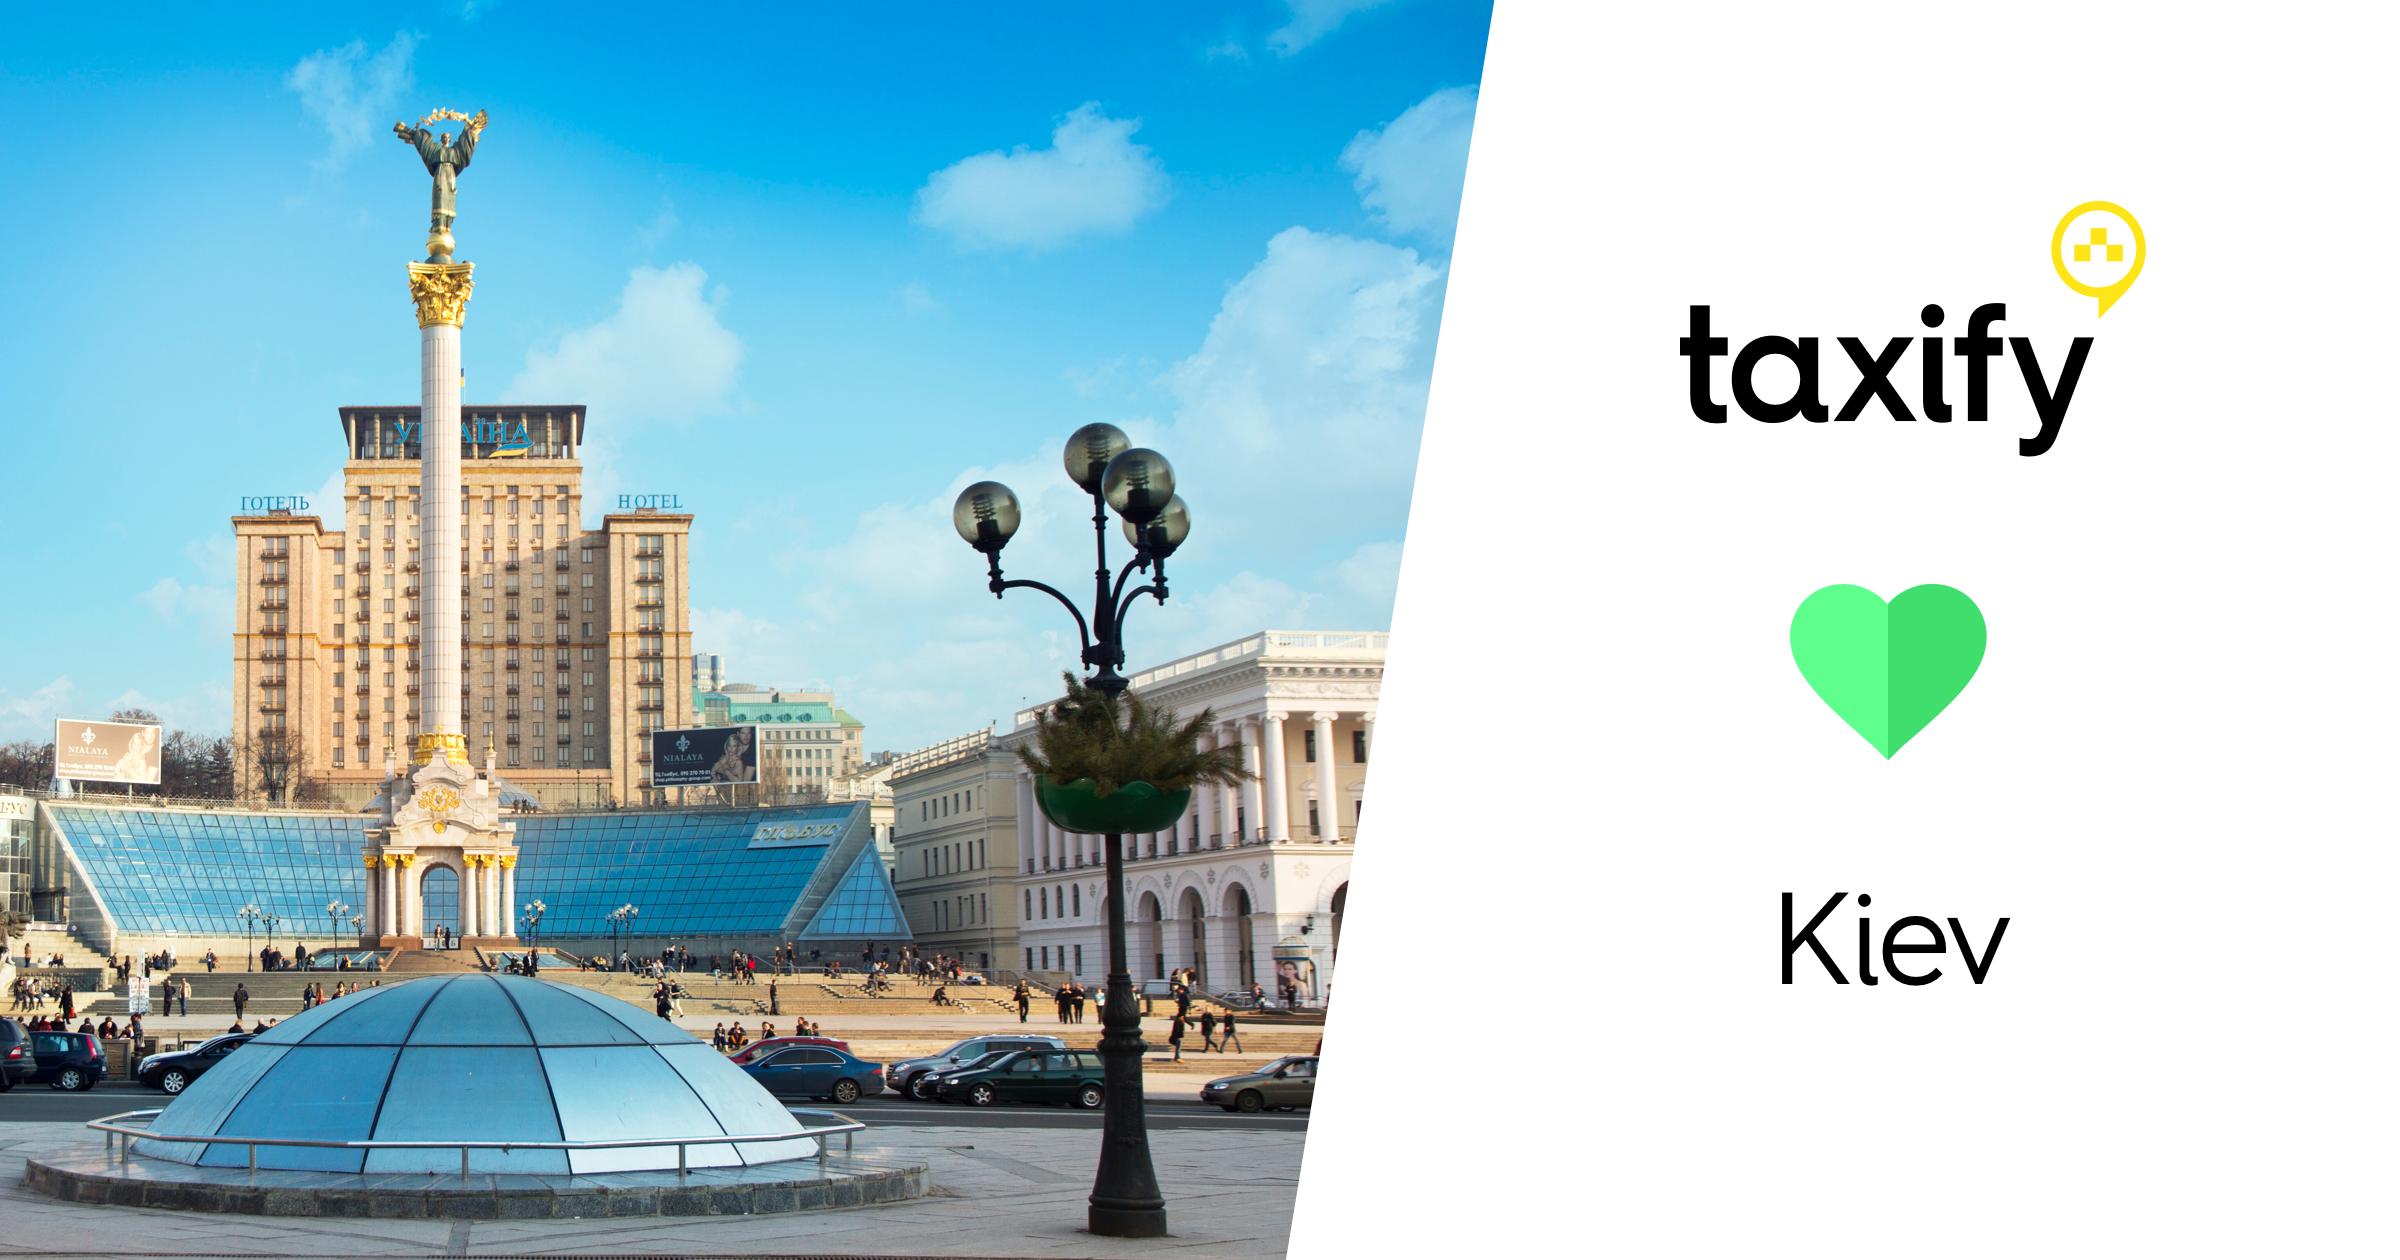 ВУкраине заработал европейский конкурент Uber